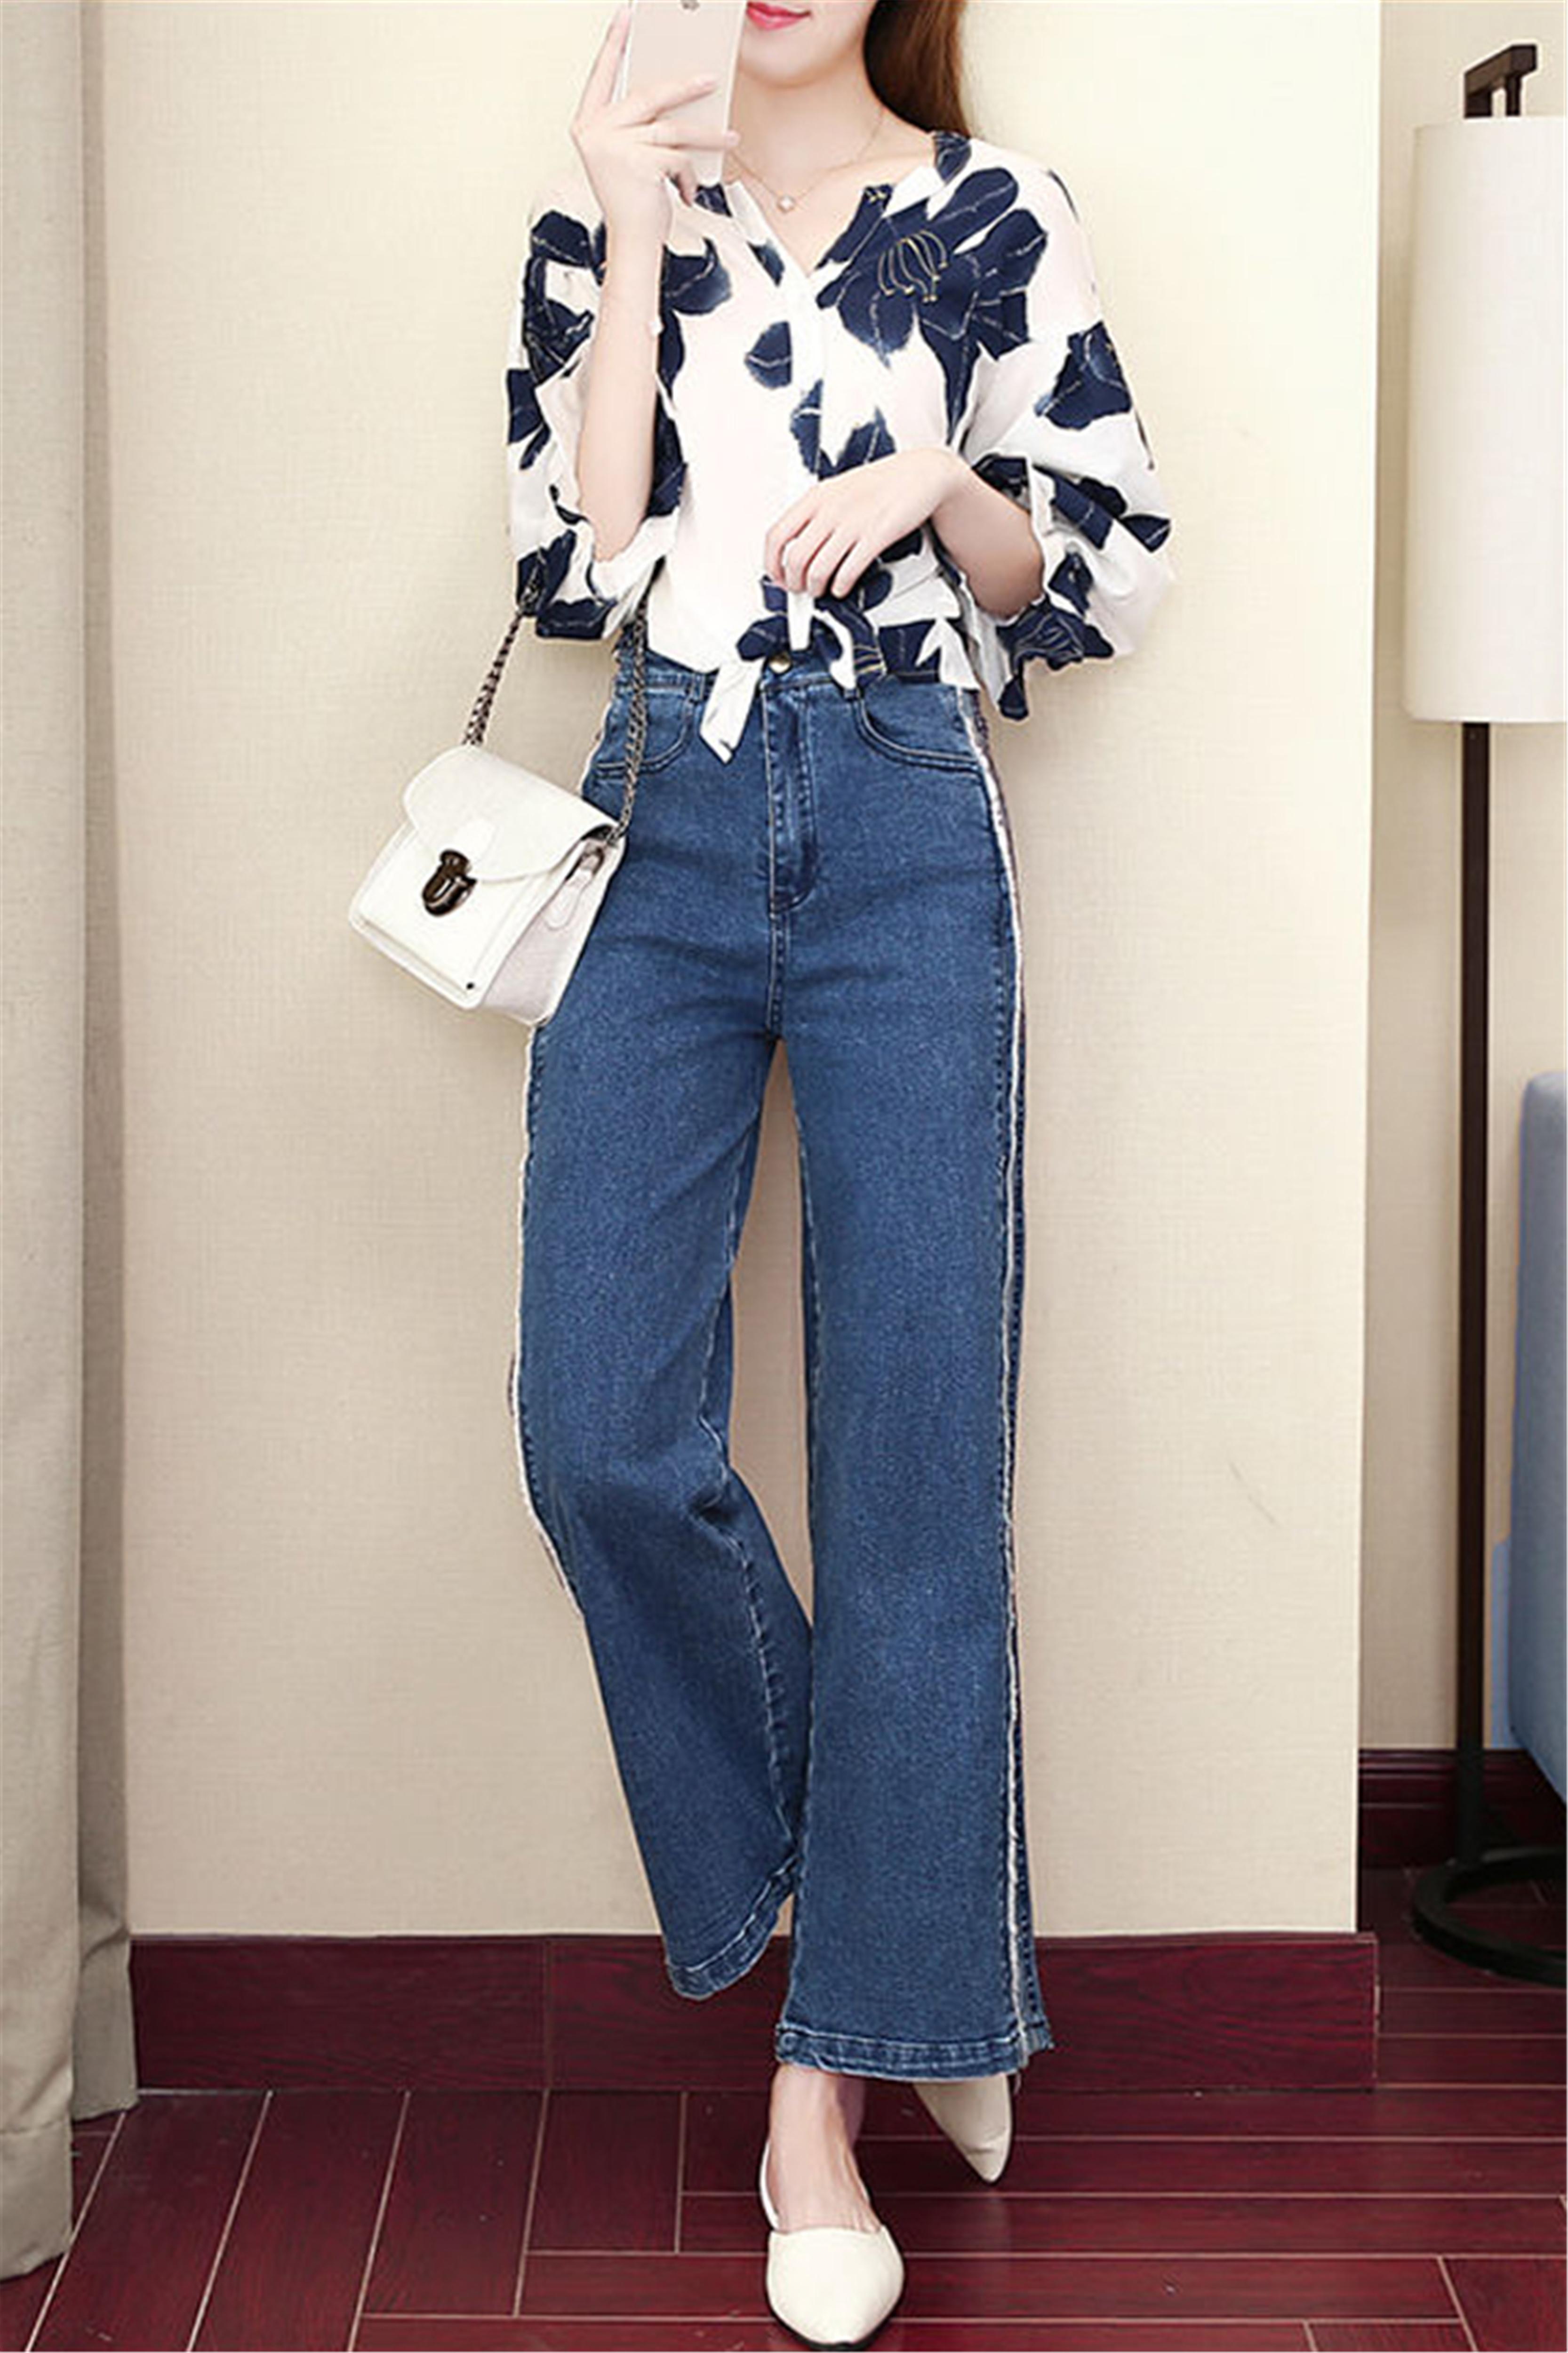 2020春夏季新款韩版洋气套装两件套女宽松显瘦小个子时尚套装